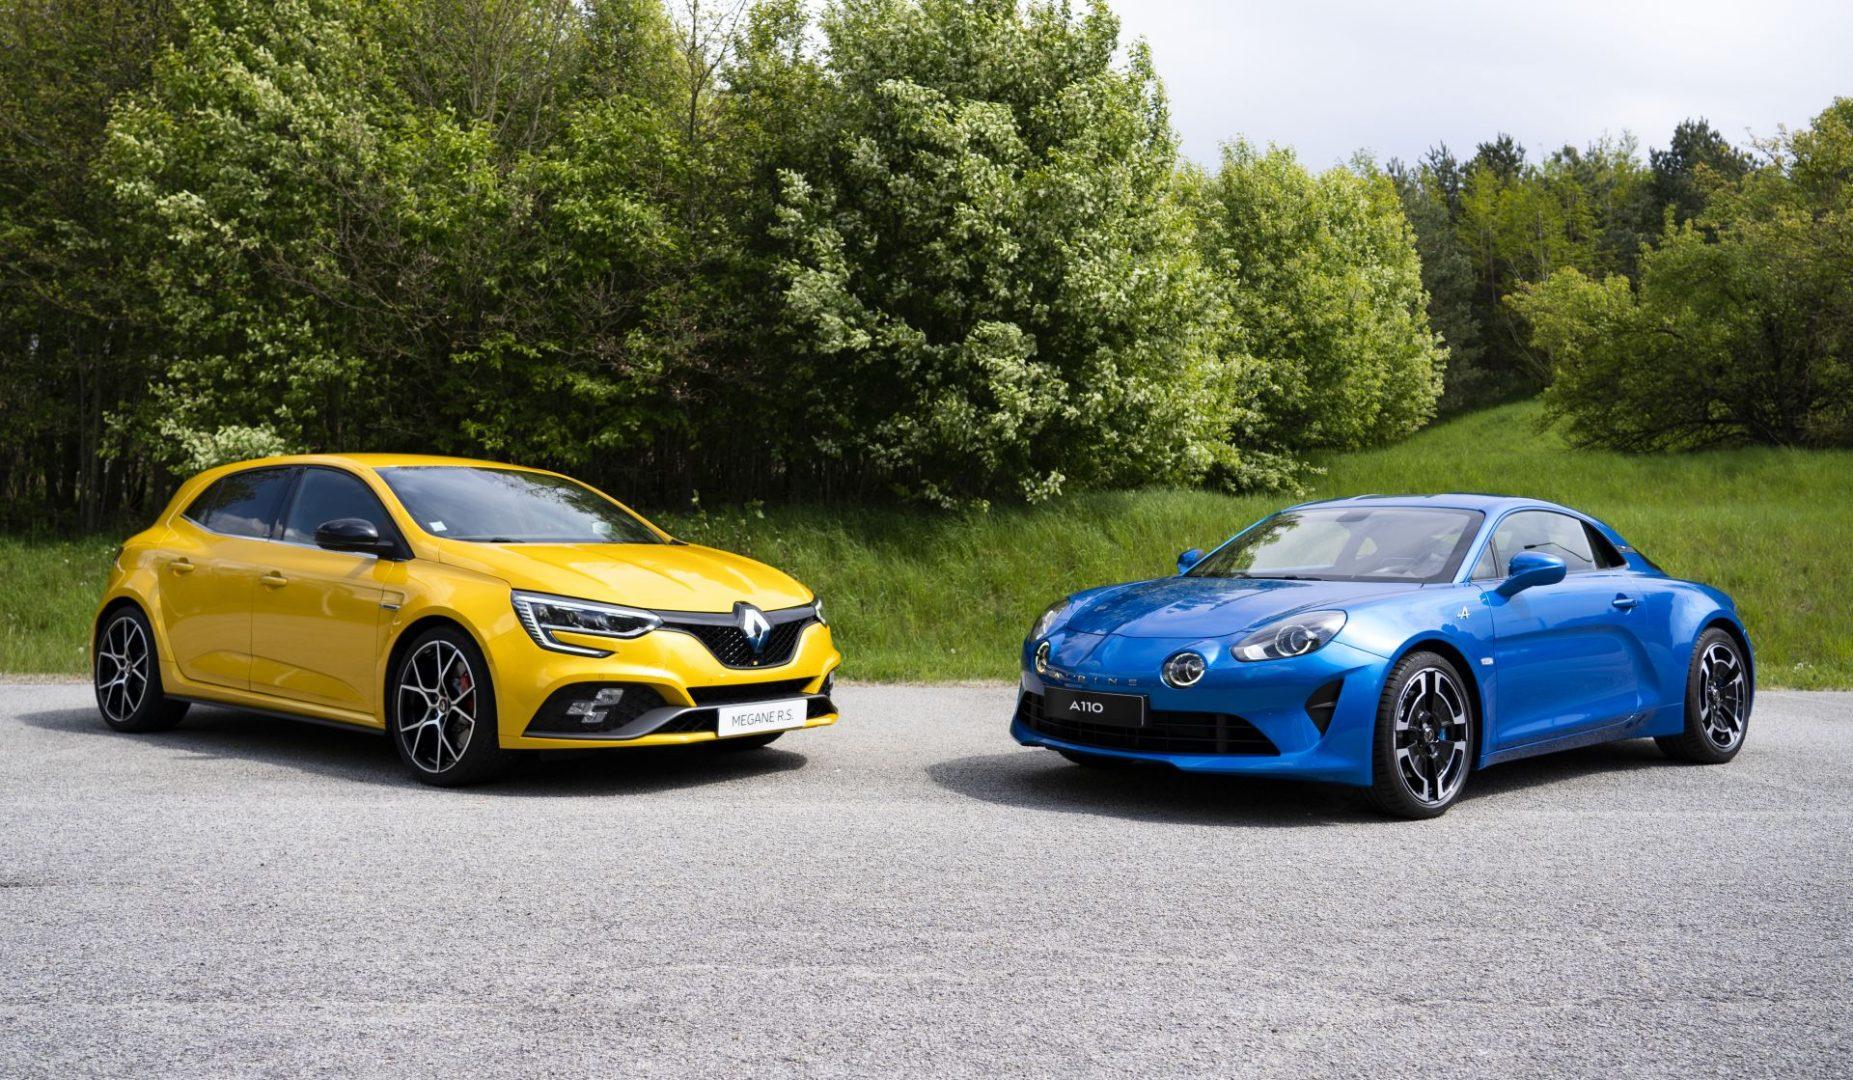 Renault Sport Cars postaje Alpine Cars, a svi budući modeli će biti na struju